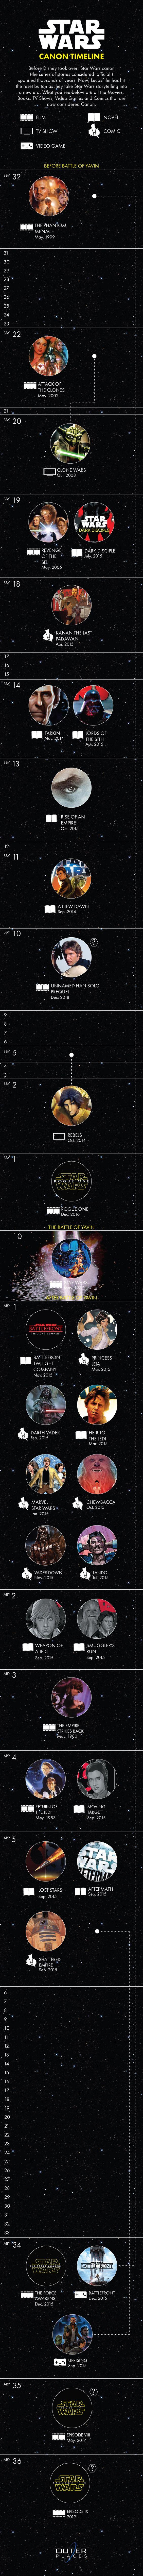 infographie chronologique complète de tout l'univers Star Wars